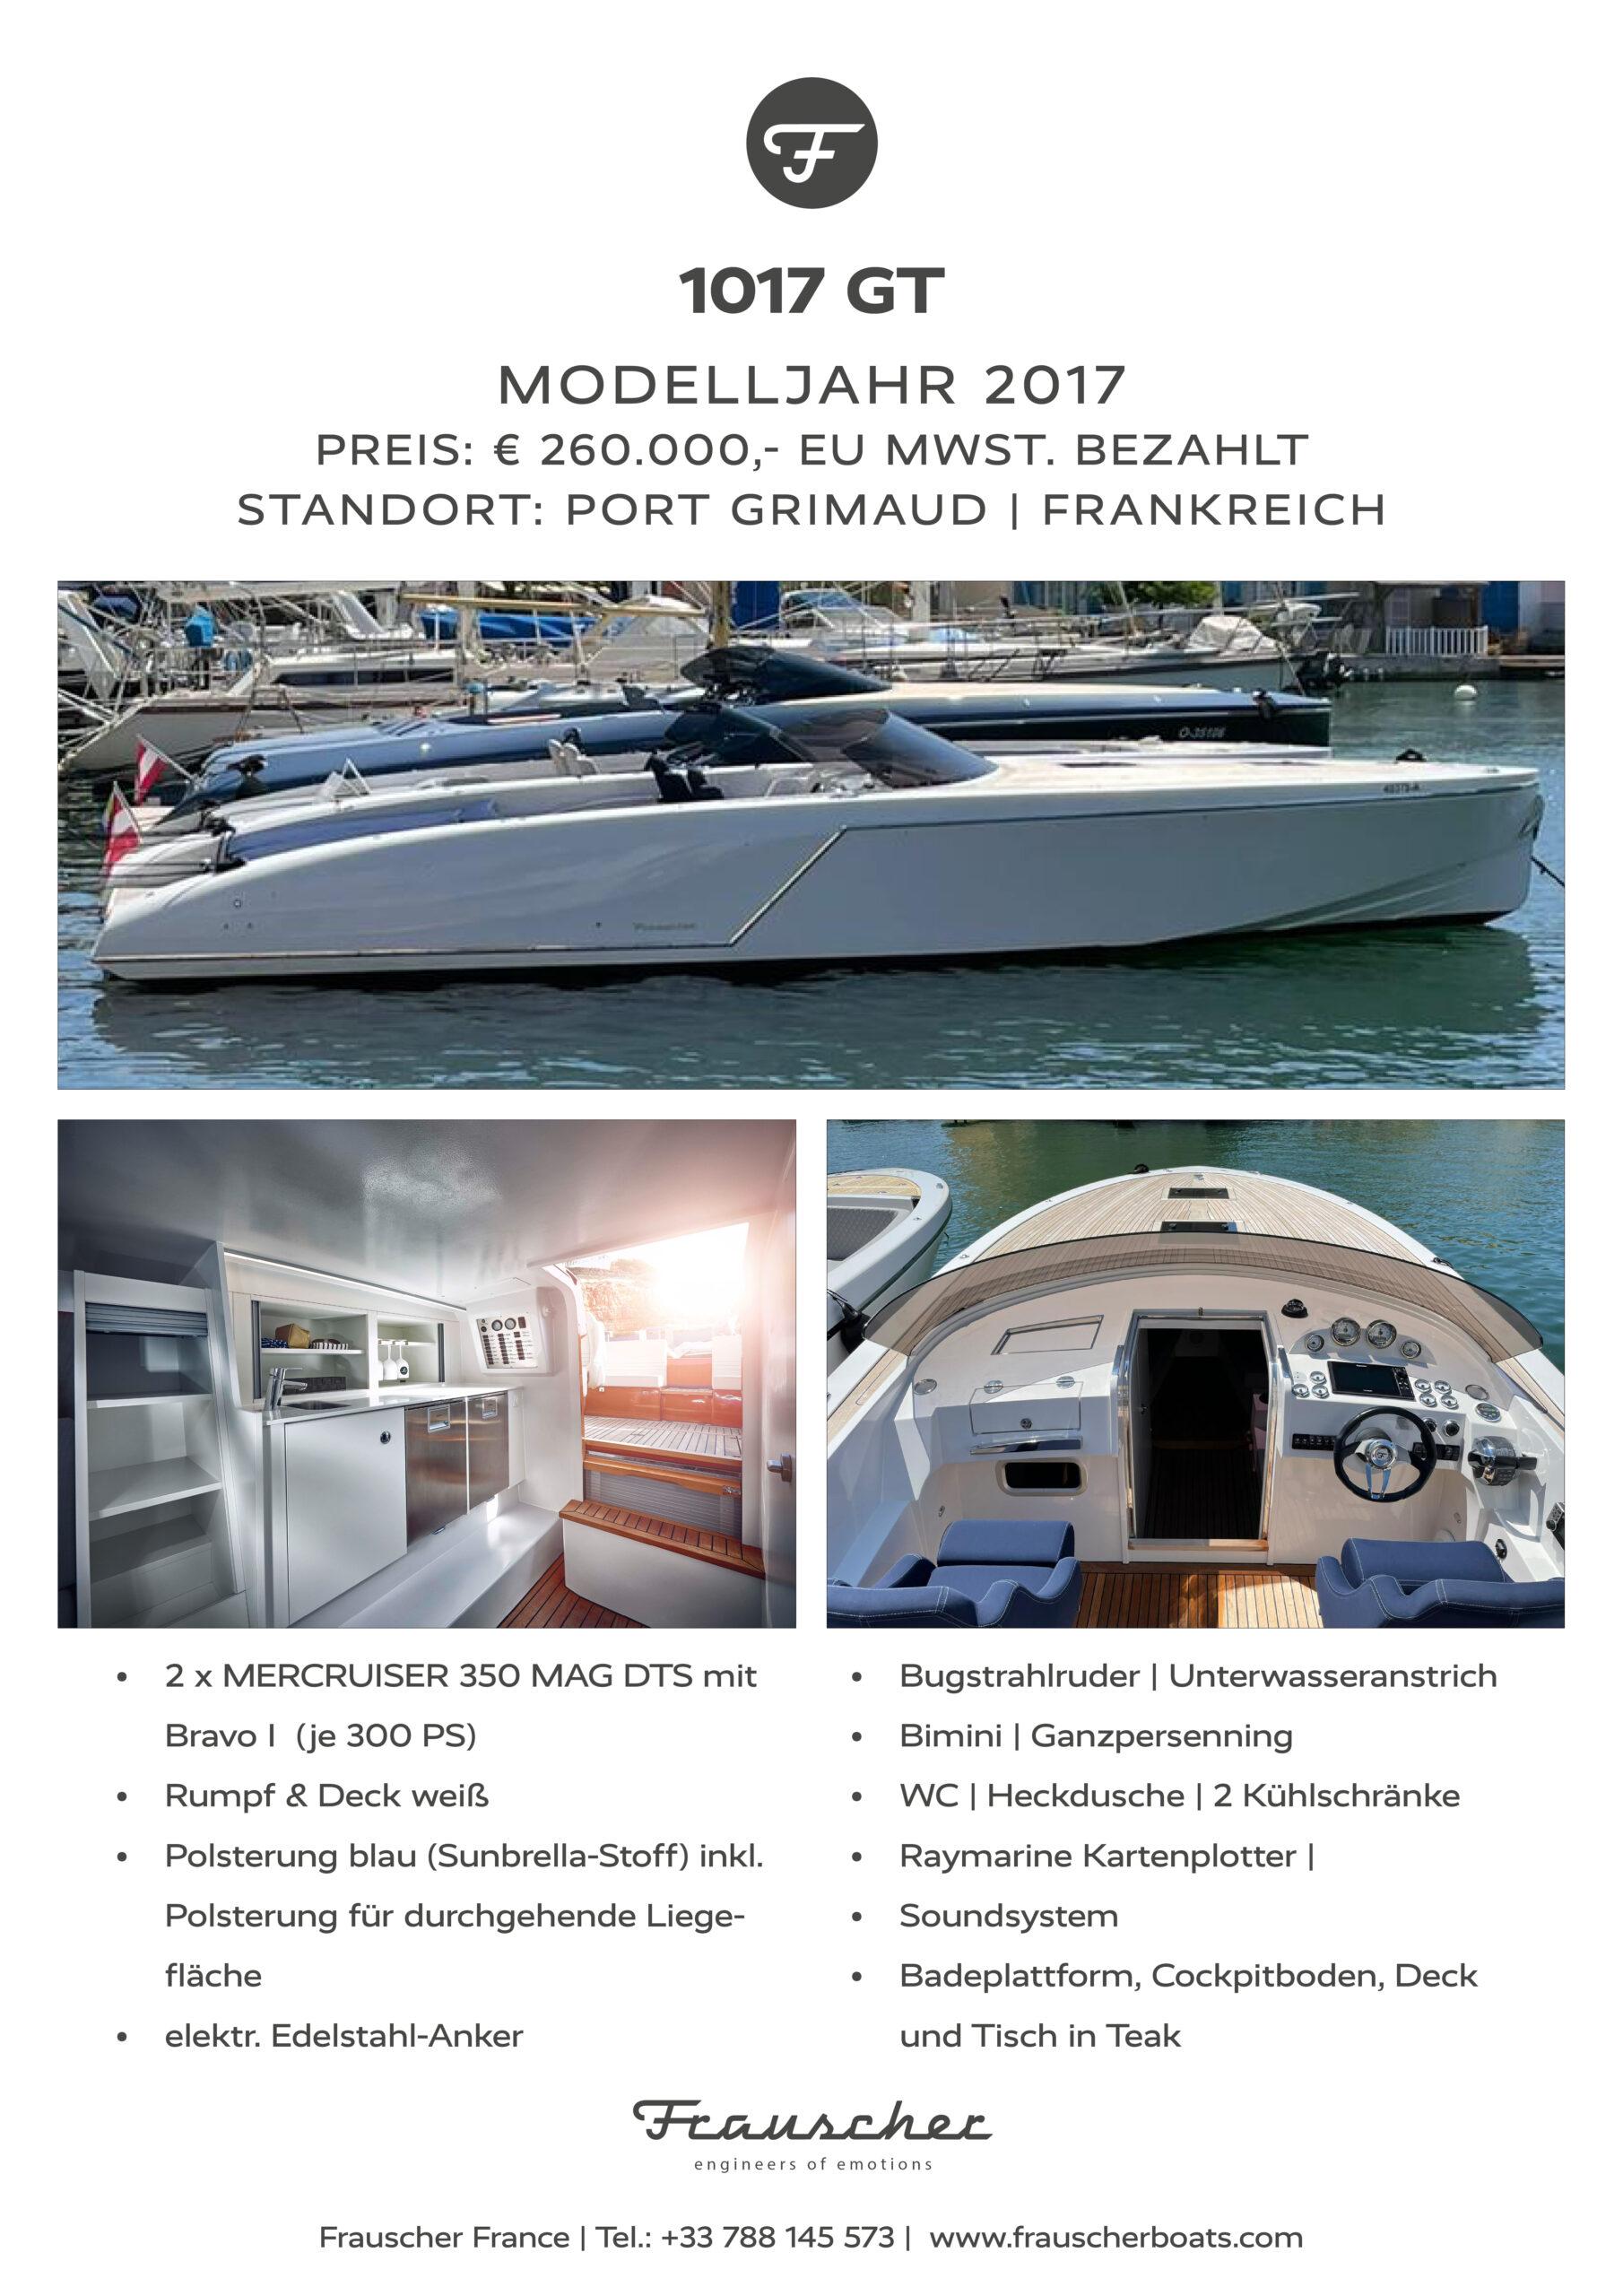 Gebrauchtboot 1017 GT in weiß